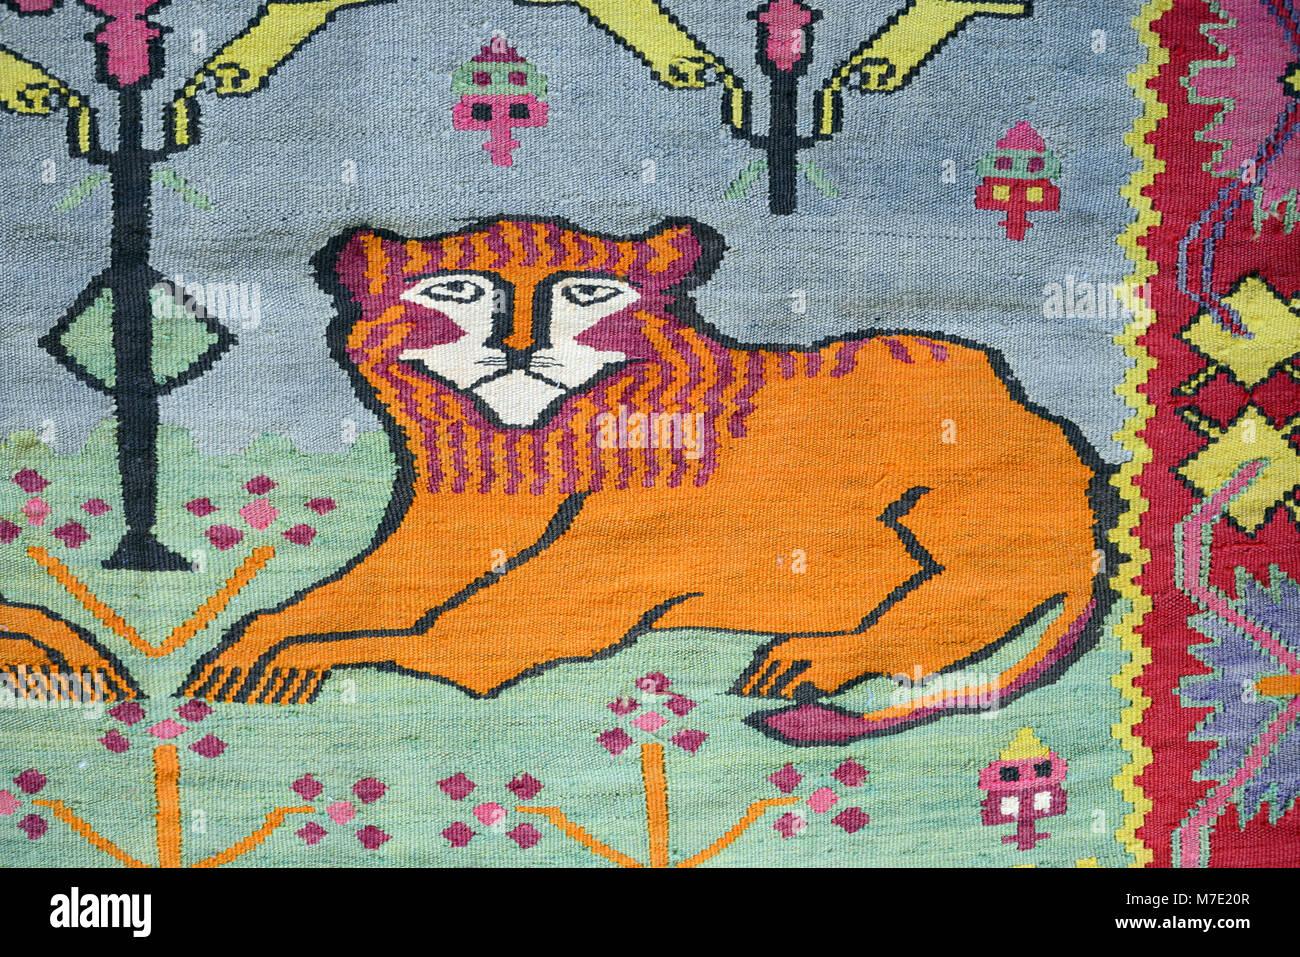 León estilizada Motif en armenio antiguo manta, alfombra o kilim, Armenia Foto de stock